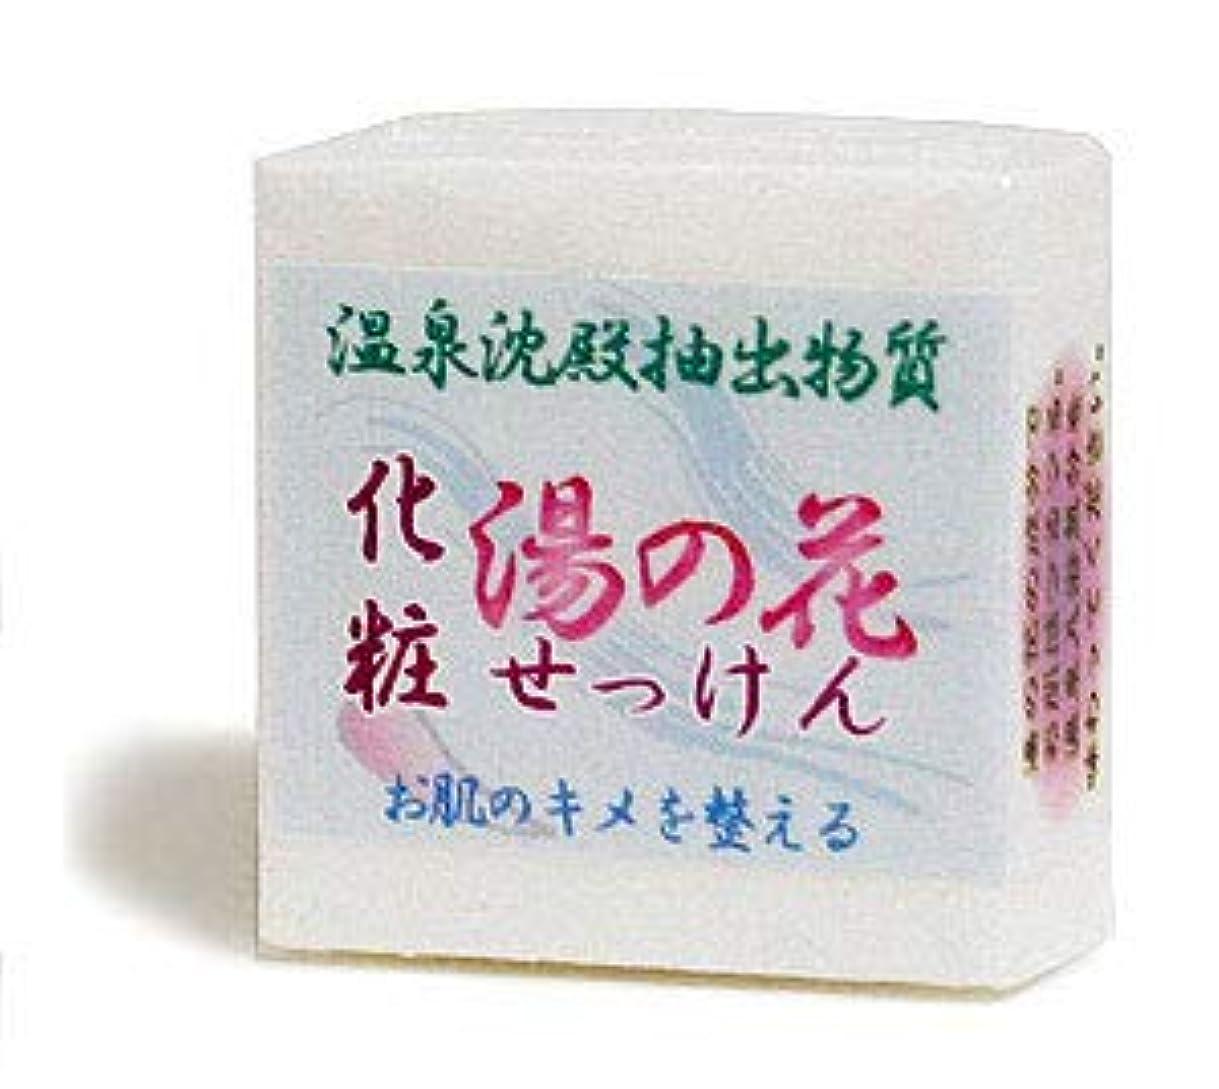 夜土器変更湯の花化粧石鹸 ハーフサイズ